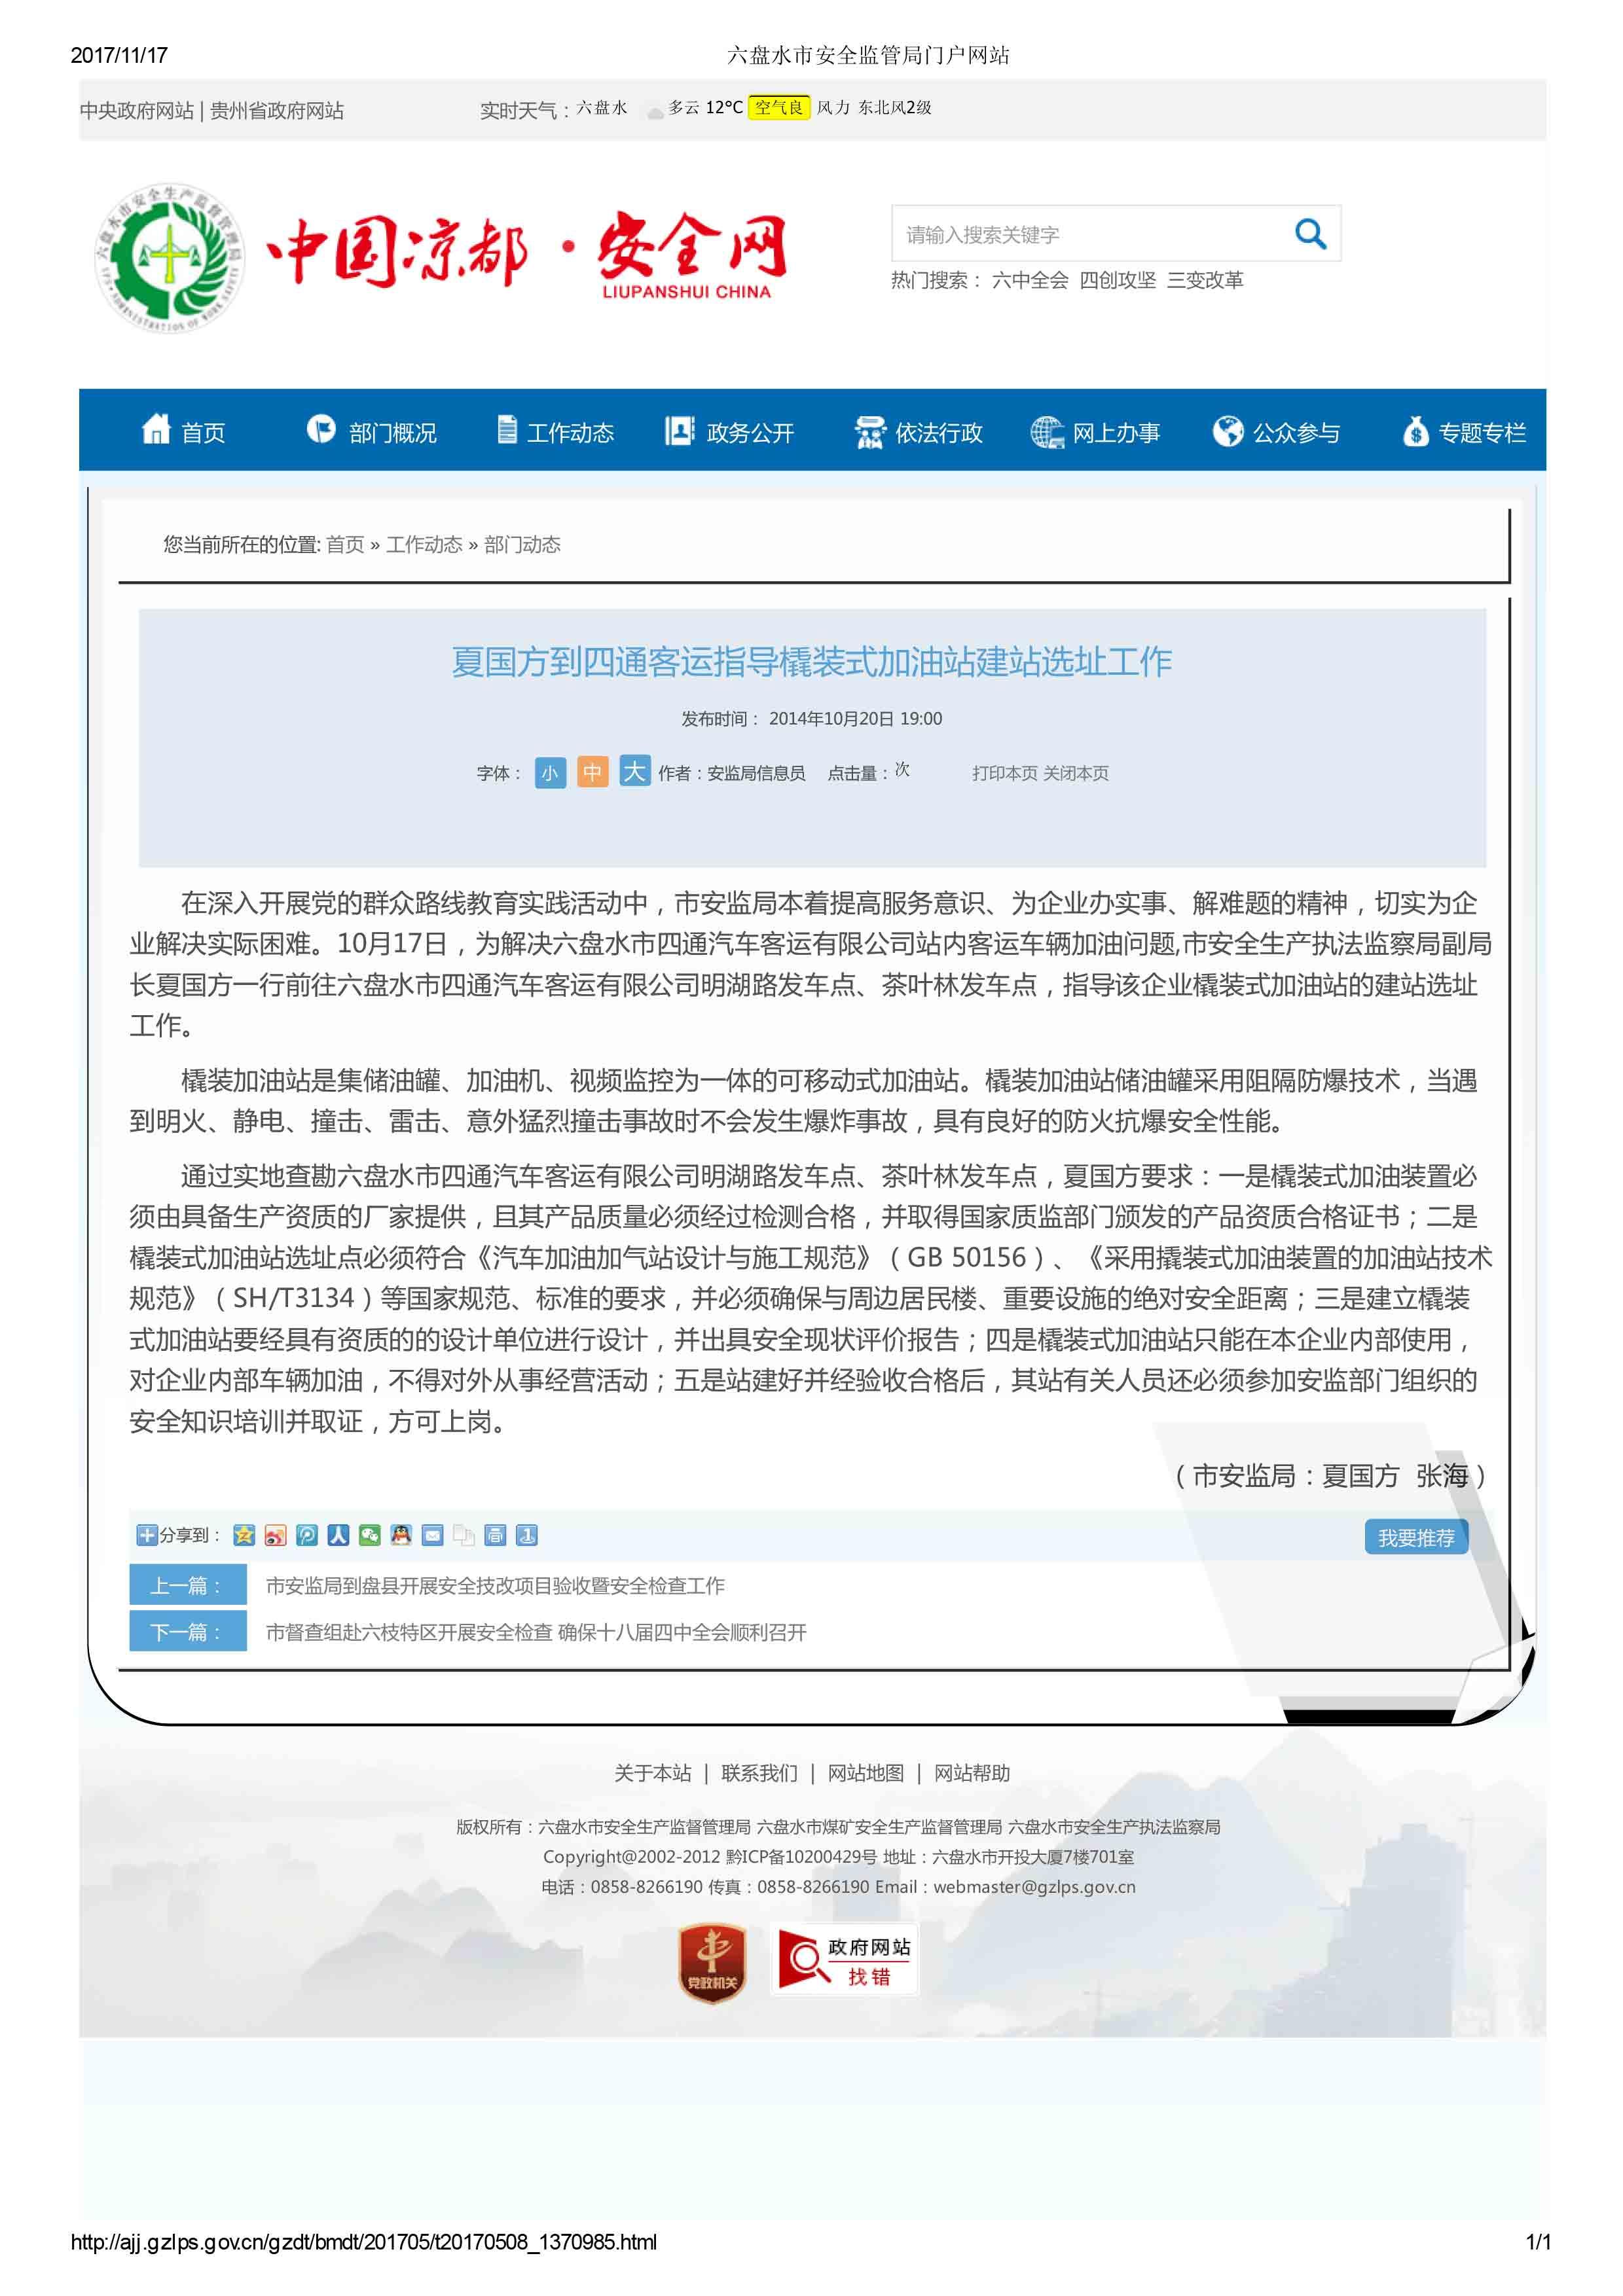 贵州六盘水市安全监管局门户网站-四通客运撬装